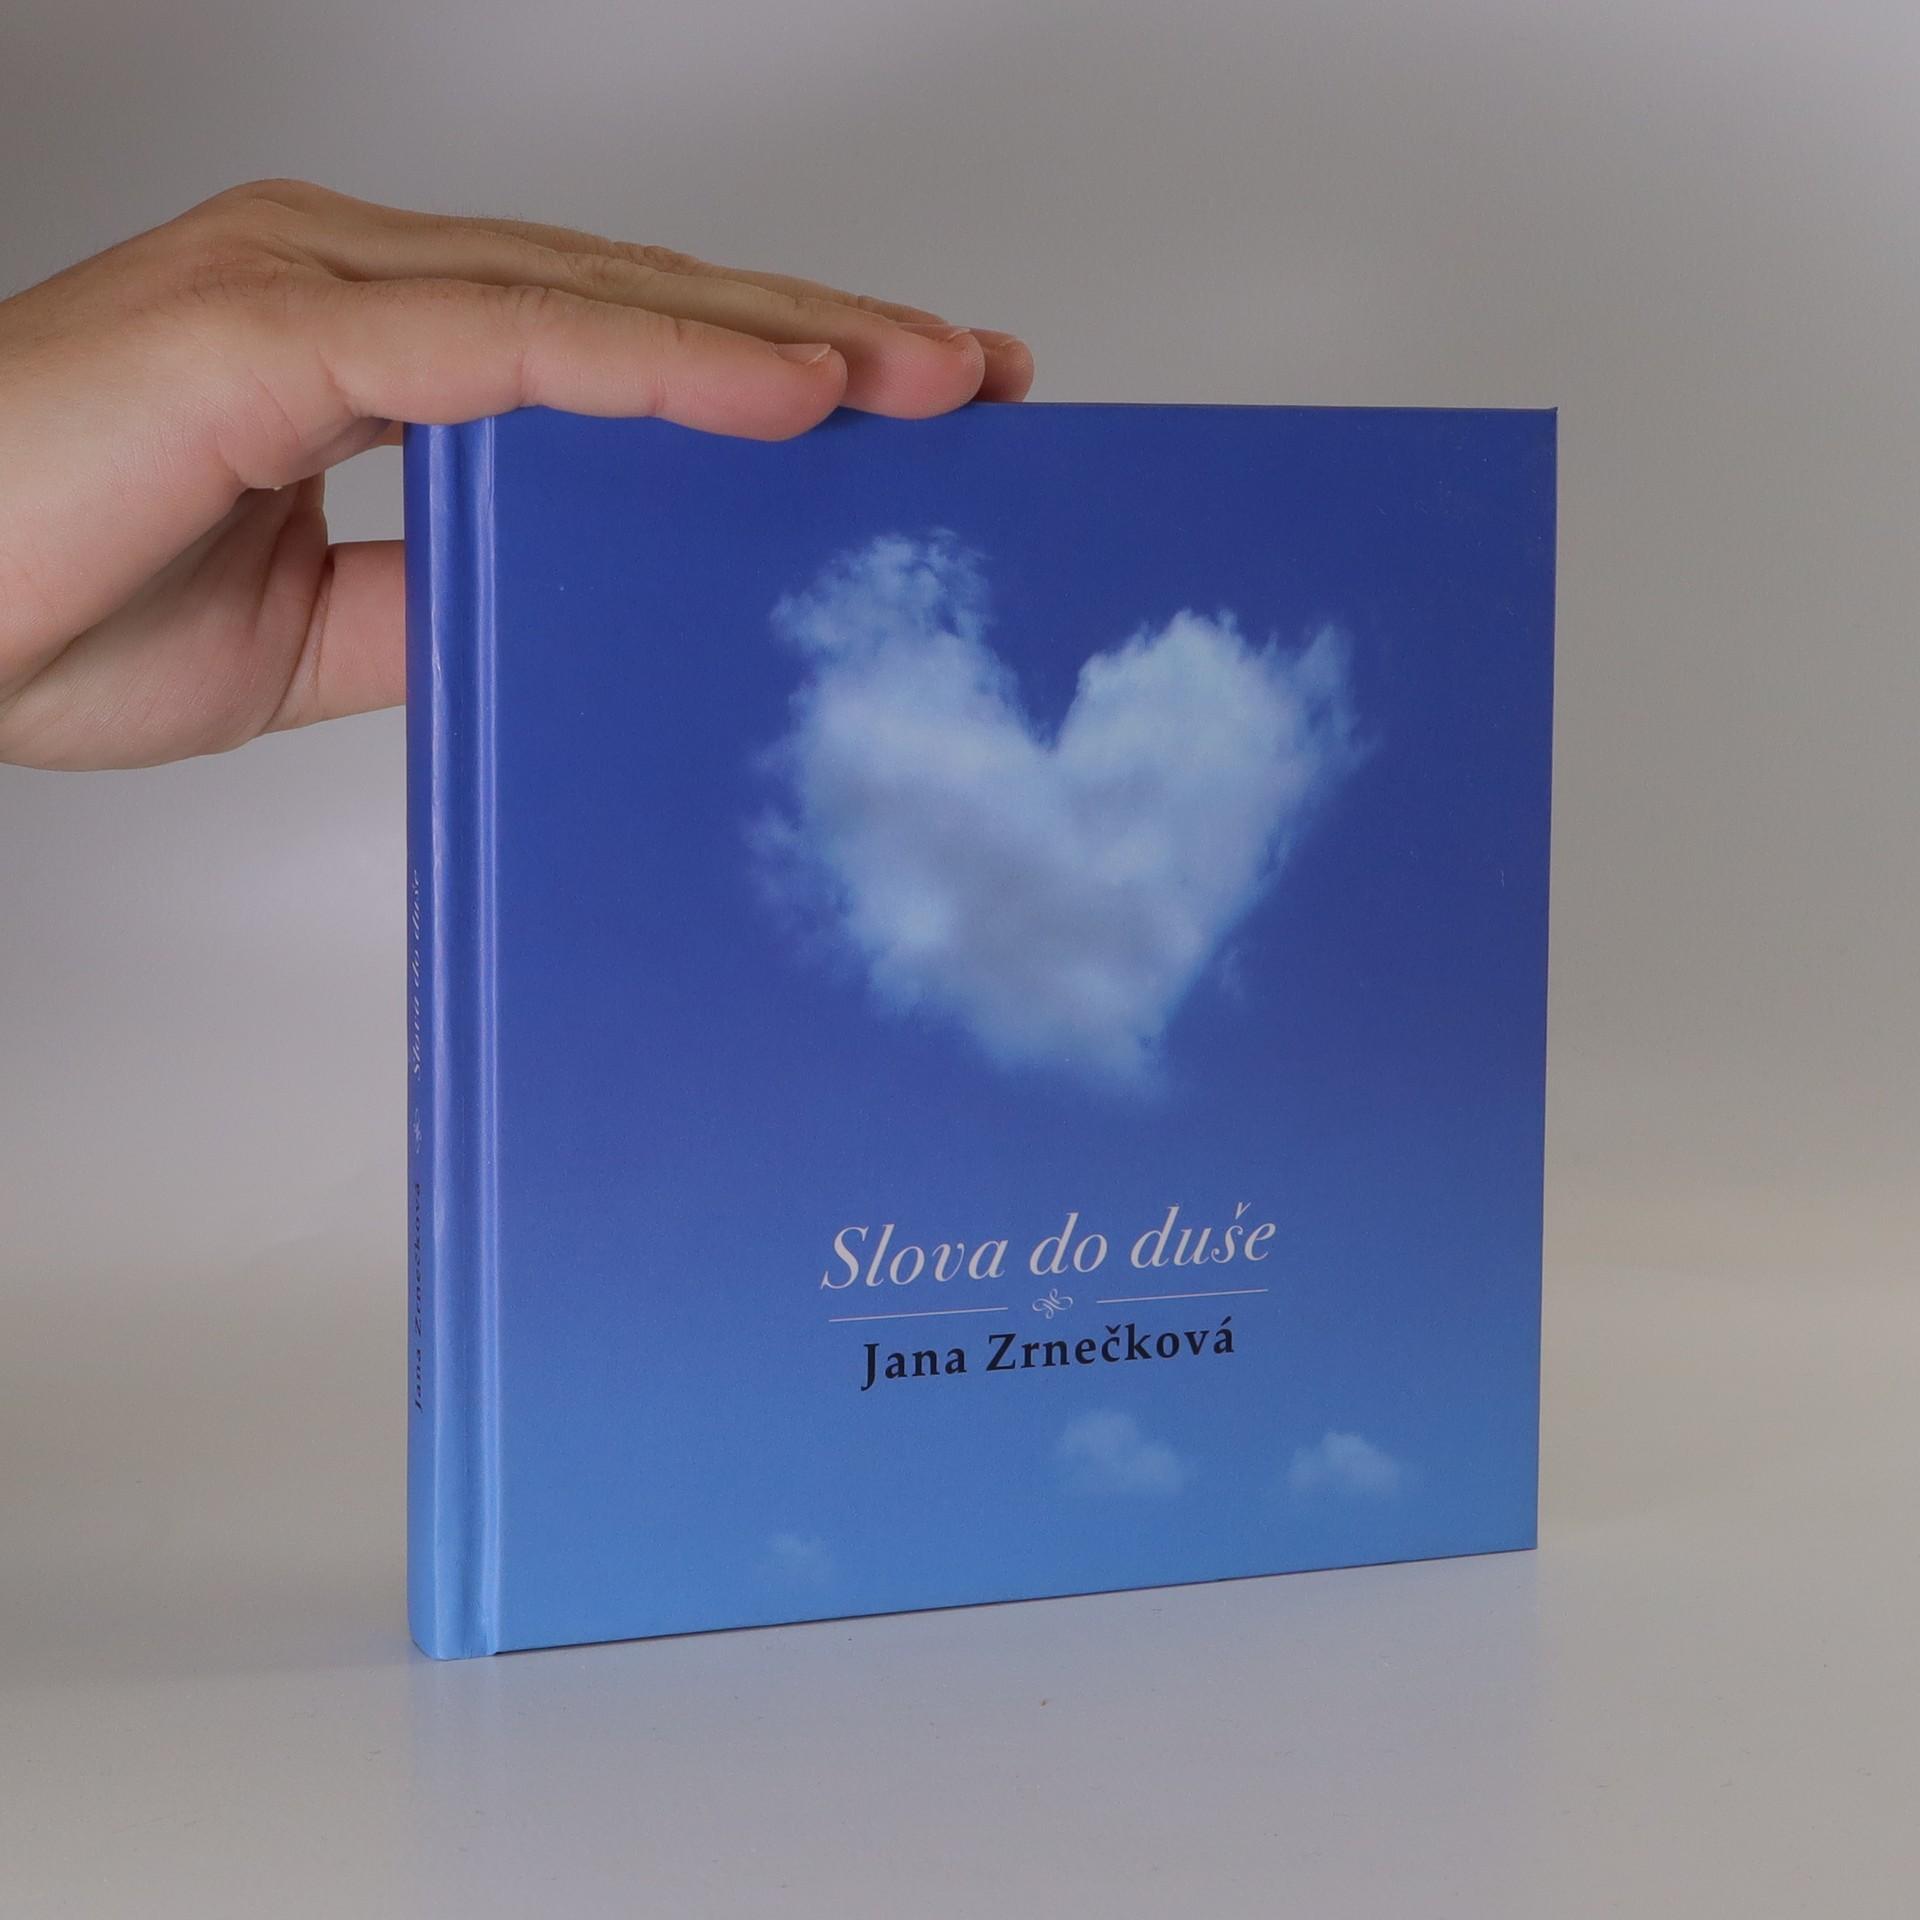 antikvární kniha Slova do duše, 2012